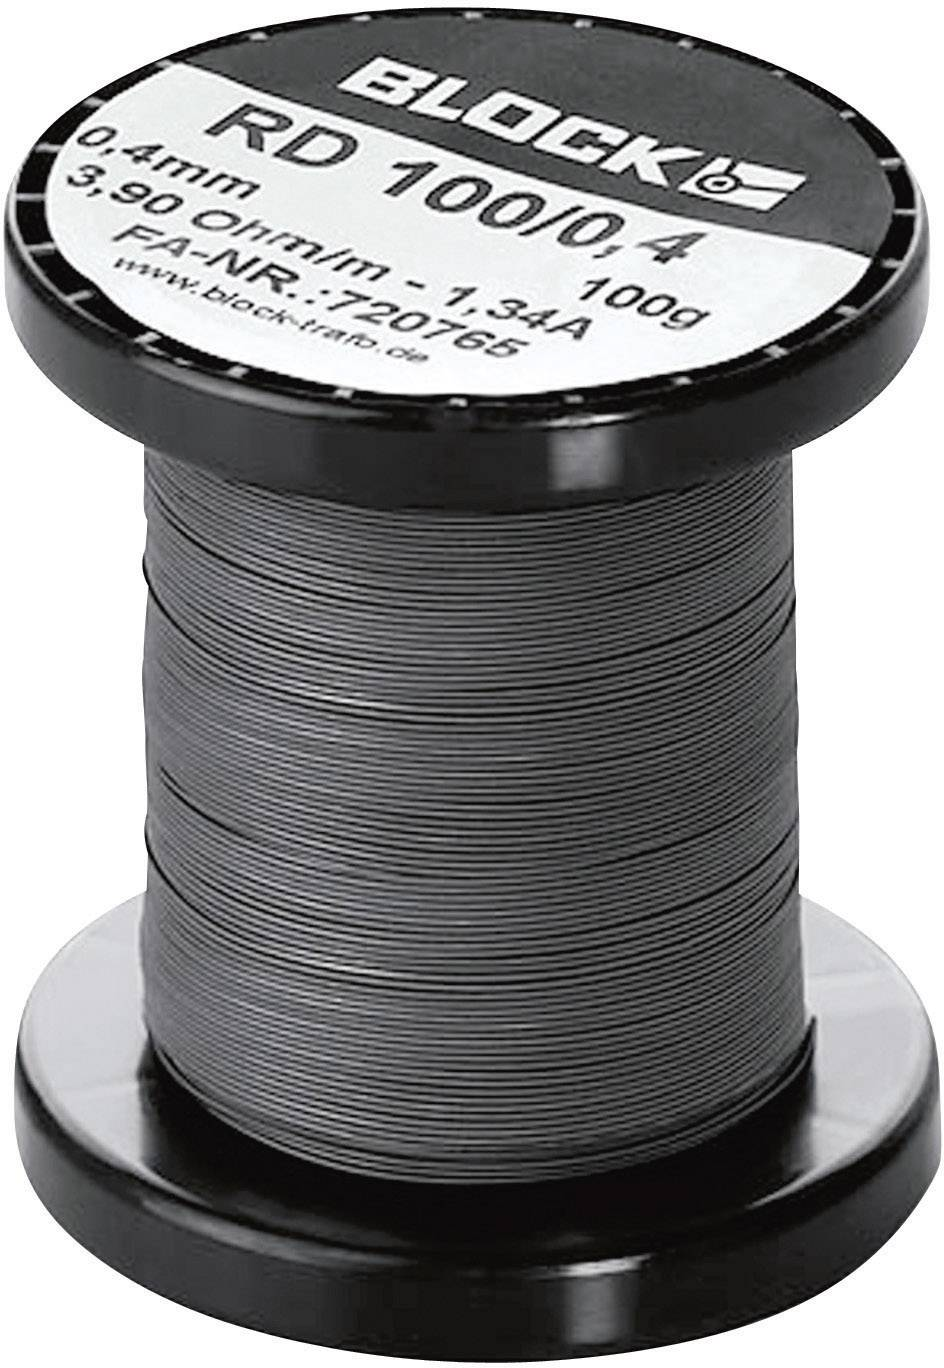 Odporový drôt Block RD 100/1,5, 0.277 Ω/m, 6.3 m